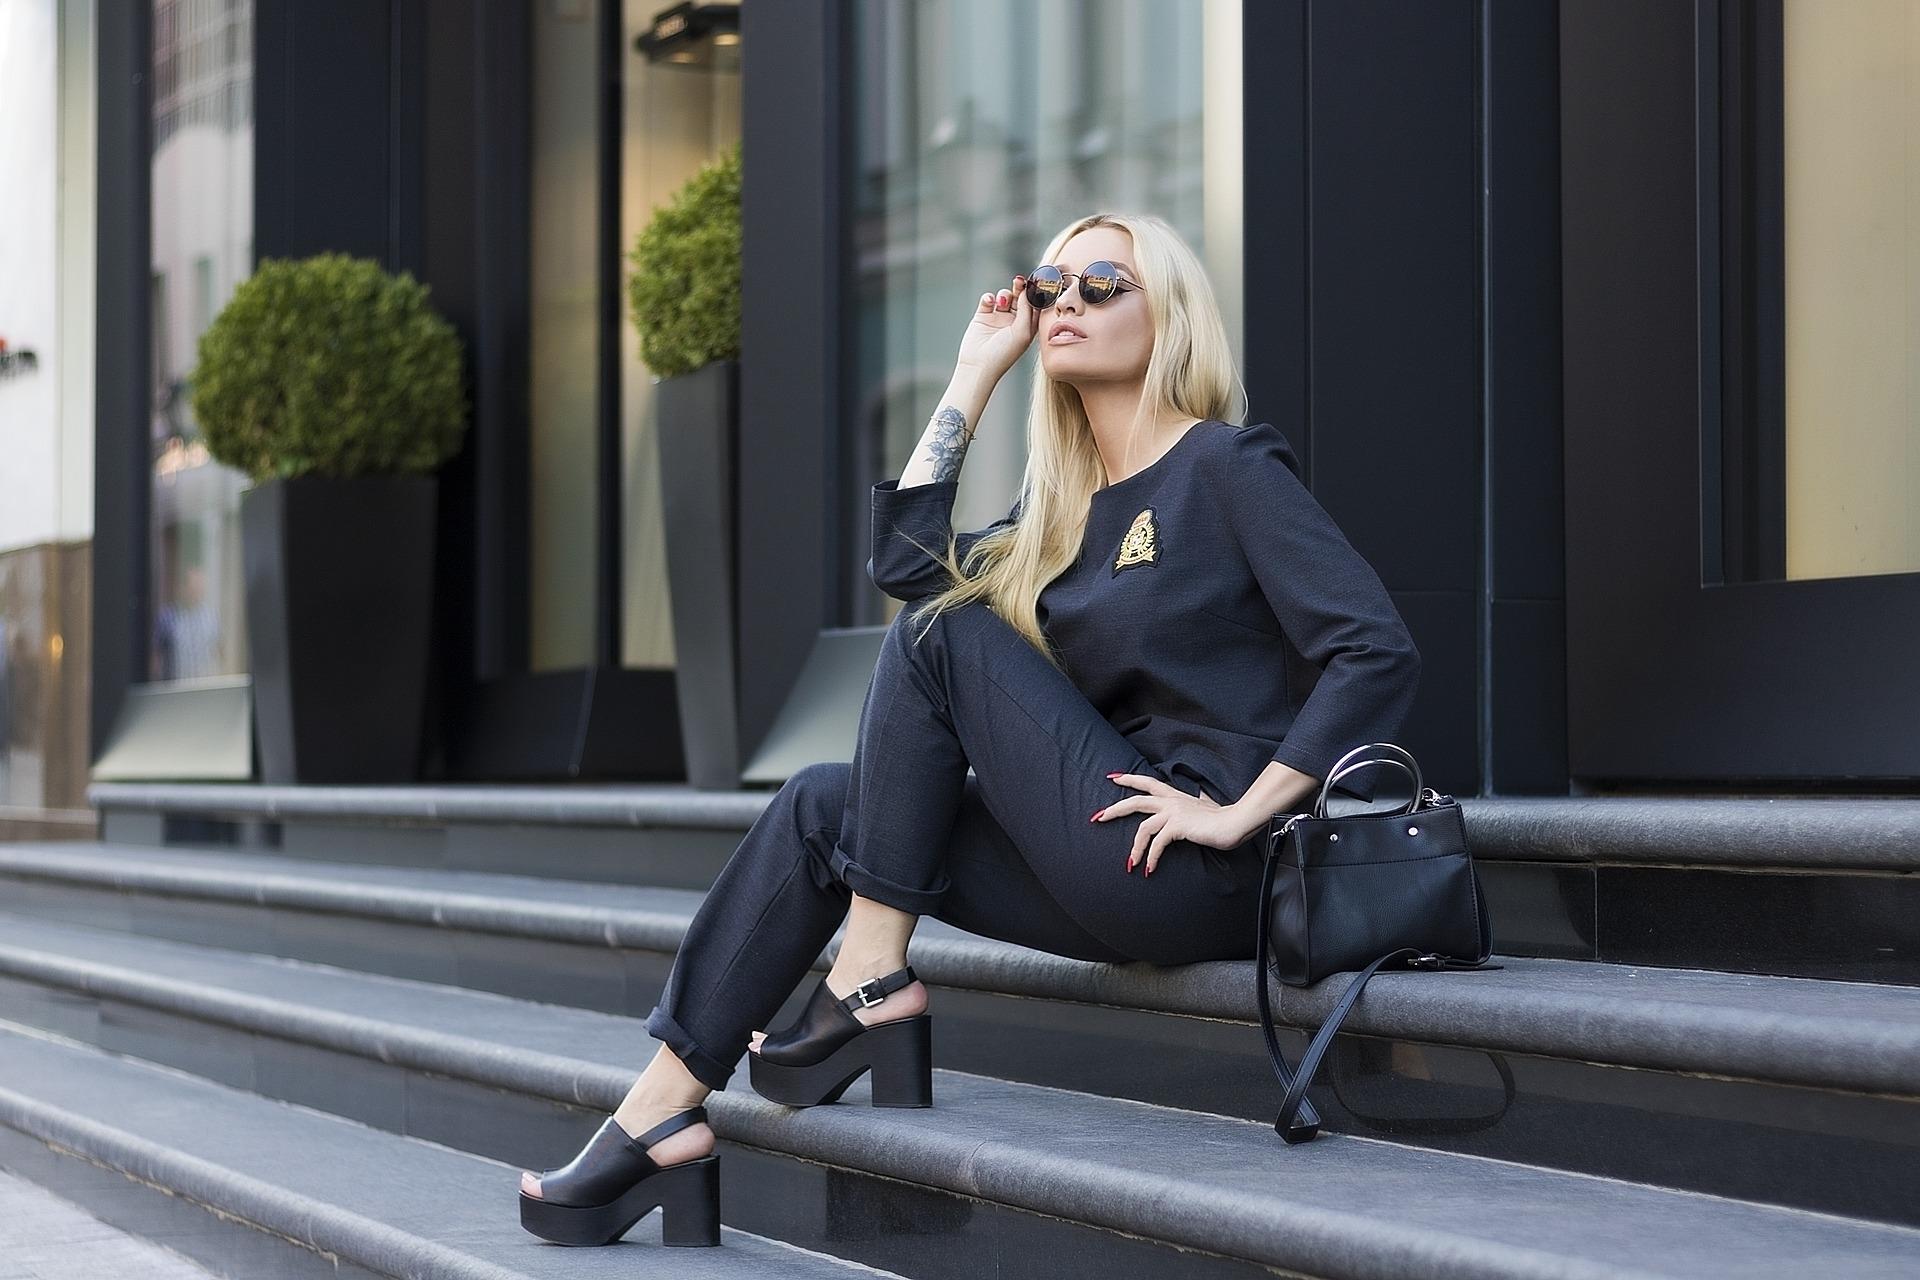 czarny strój kobieta i okulary